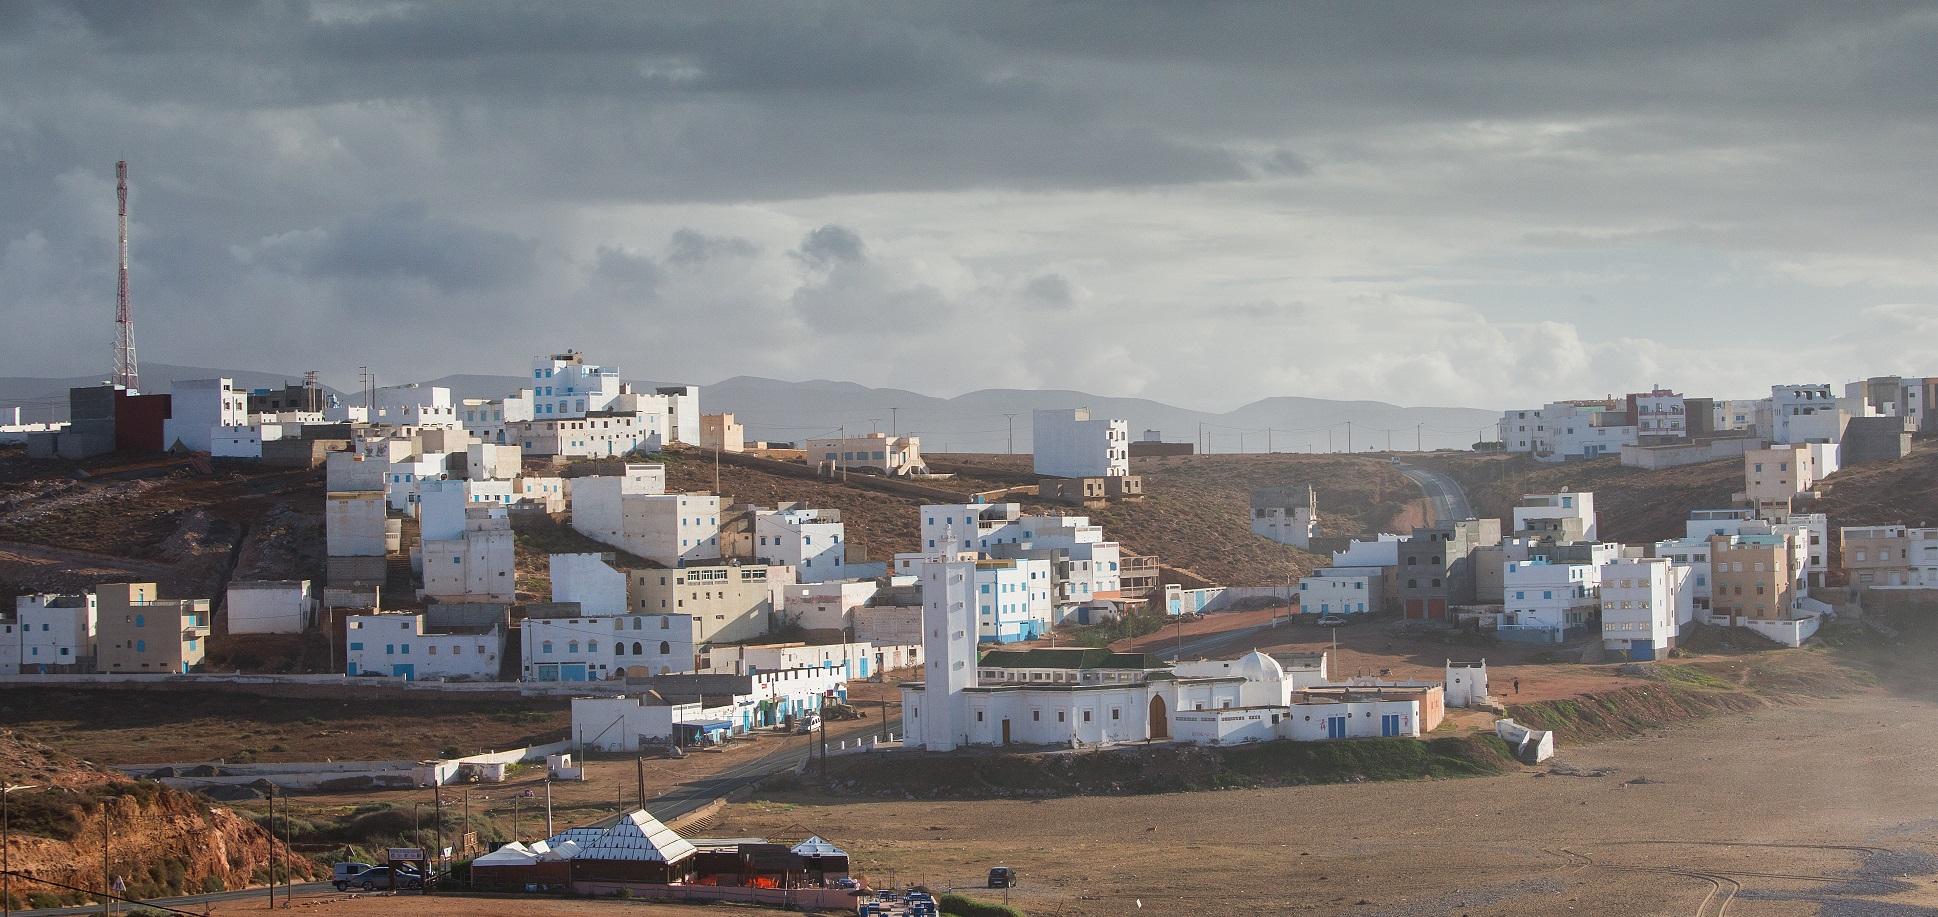 Así recogen agua a partir de la niebla en un pueblo de Marruecos